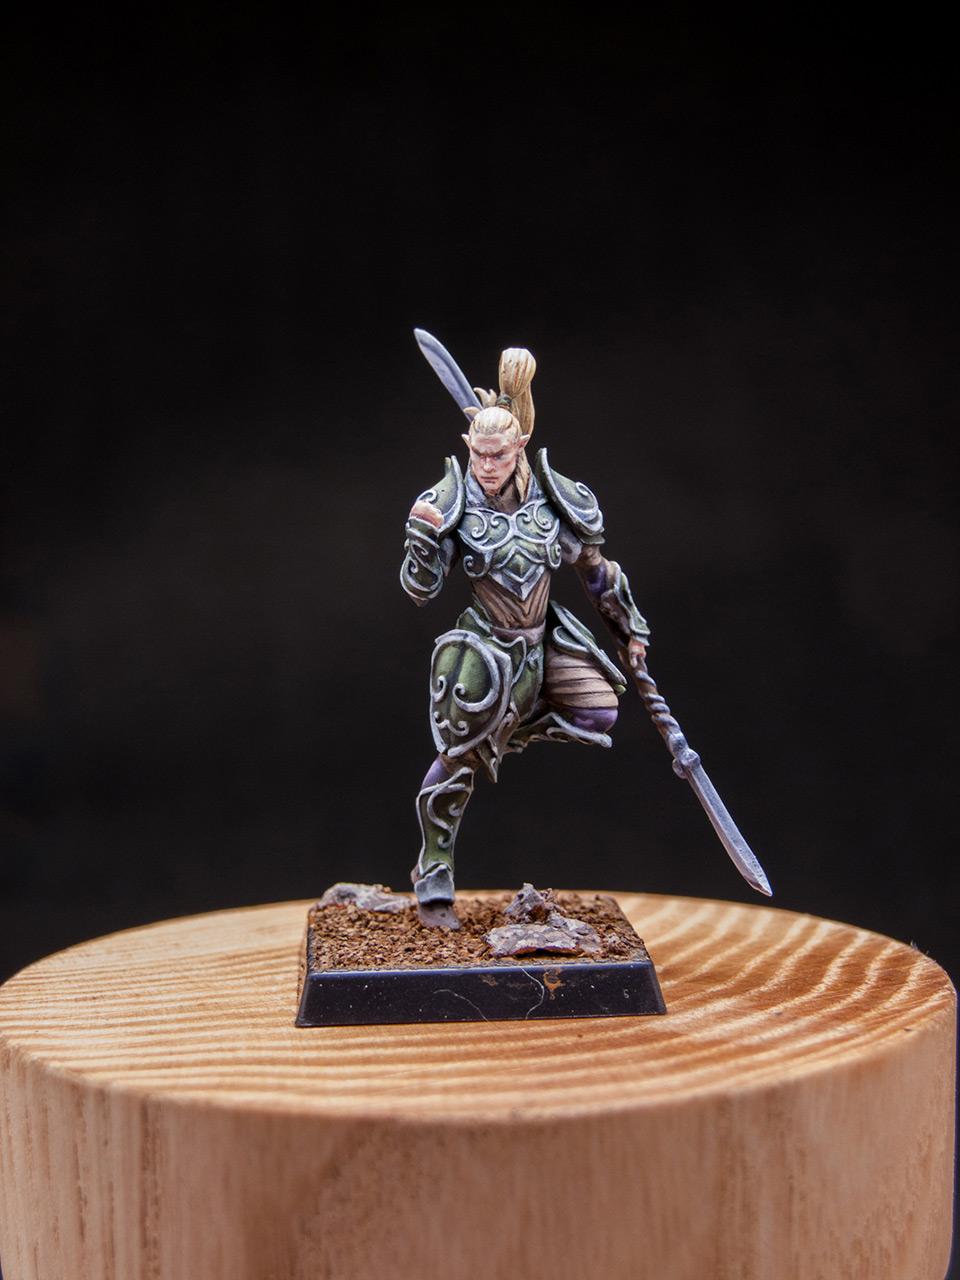 Разное: Эльфы Серебряной гвардии, фото #9